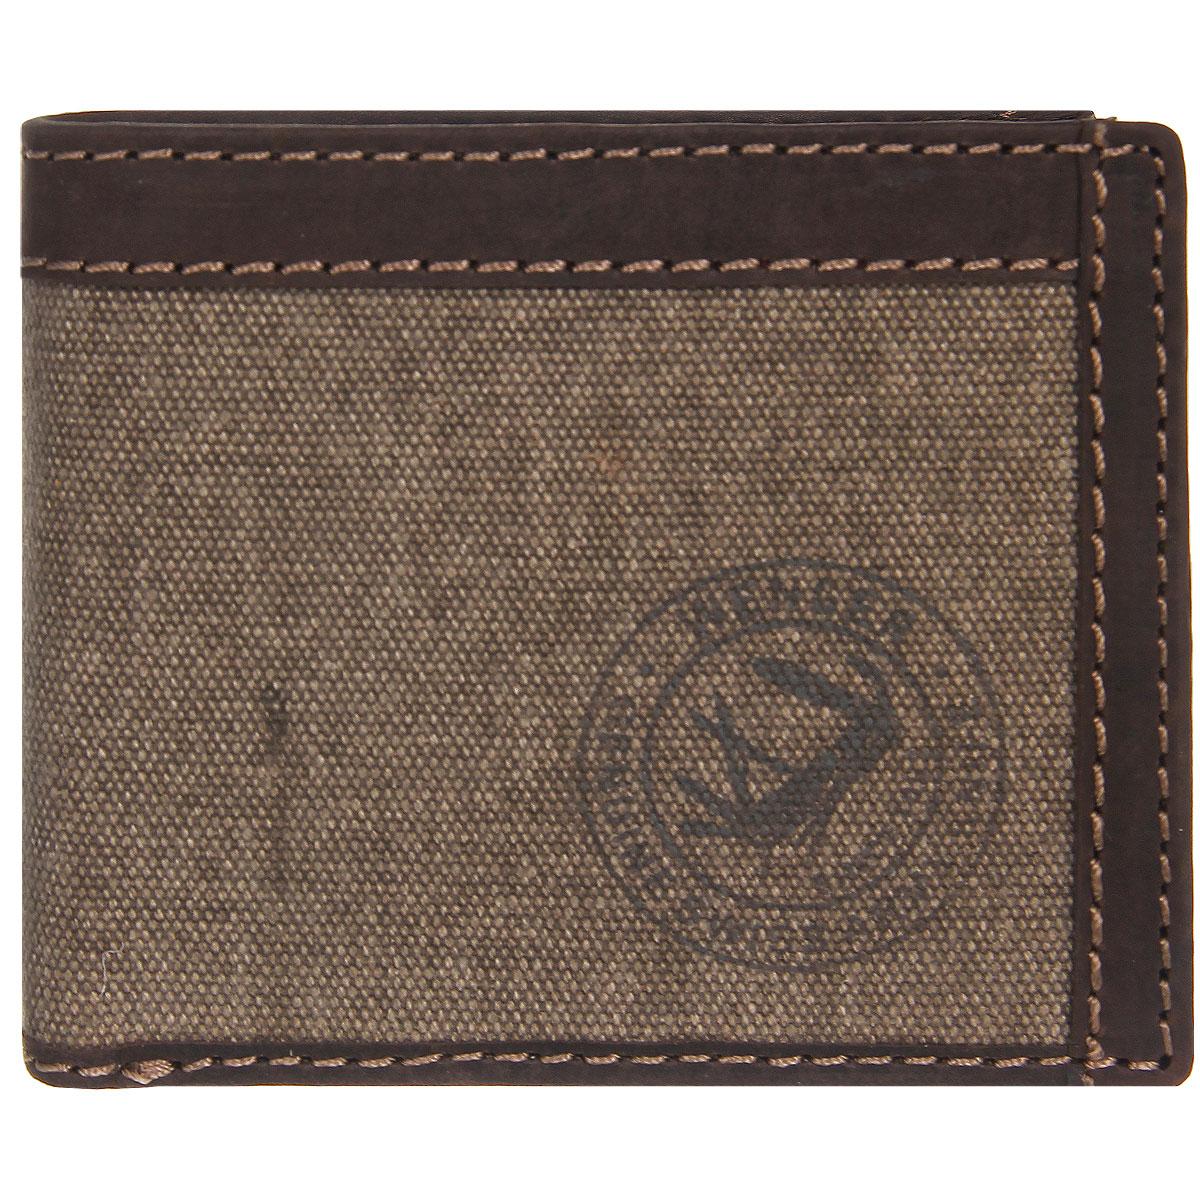 Портмоне мужское Wenger, цвет: коричневый. W19-05W19-05BROWNТрендовое мужское портмоне Wenger изготовлено из натуральной кожи и текстиля и оформлено светлой прострочкой, а также логотипом бренда на лицевой стороне. Внутри - два отделения для купюр, отсек для мелочи на кнопке, врезной карман на застежке-молнии и два боковых кармана. Откидной блок, закрывающийся хлястиком на кнопку, содержит девять прорезей для визиток и кредитных карт и два кармана с окошком из прозрачного пластика. Внутренняя поверхность портмоне отделана твилом с узором гусиная лапка. Портмоне упаковано в фирменную коробку. Модное портмоне Wenger займет достойное место среди вашей коллекции аксессуаров. По всем вопросам гарантийного и постгарантийного обслуживания рюкзаков, чемоданов, спортивных и кожаных сумок, а также портмоне марок Wenger и SwissGear вы можете обратиться в сервис-центр, расположенный по адресу: г. Москва, Саввинская набережная, д.3. Тел: (495) 788-39-96, (499) 248-56-56, ежедневно с 9:00 до 21:00. Подробные...